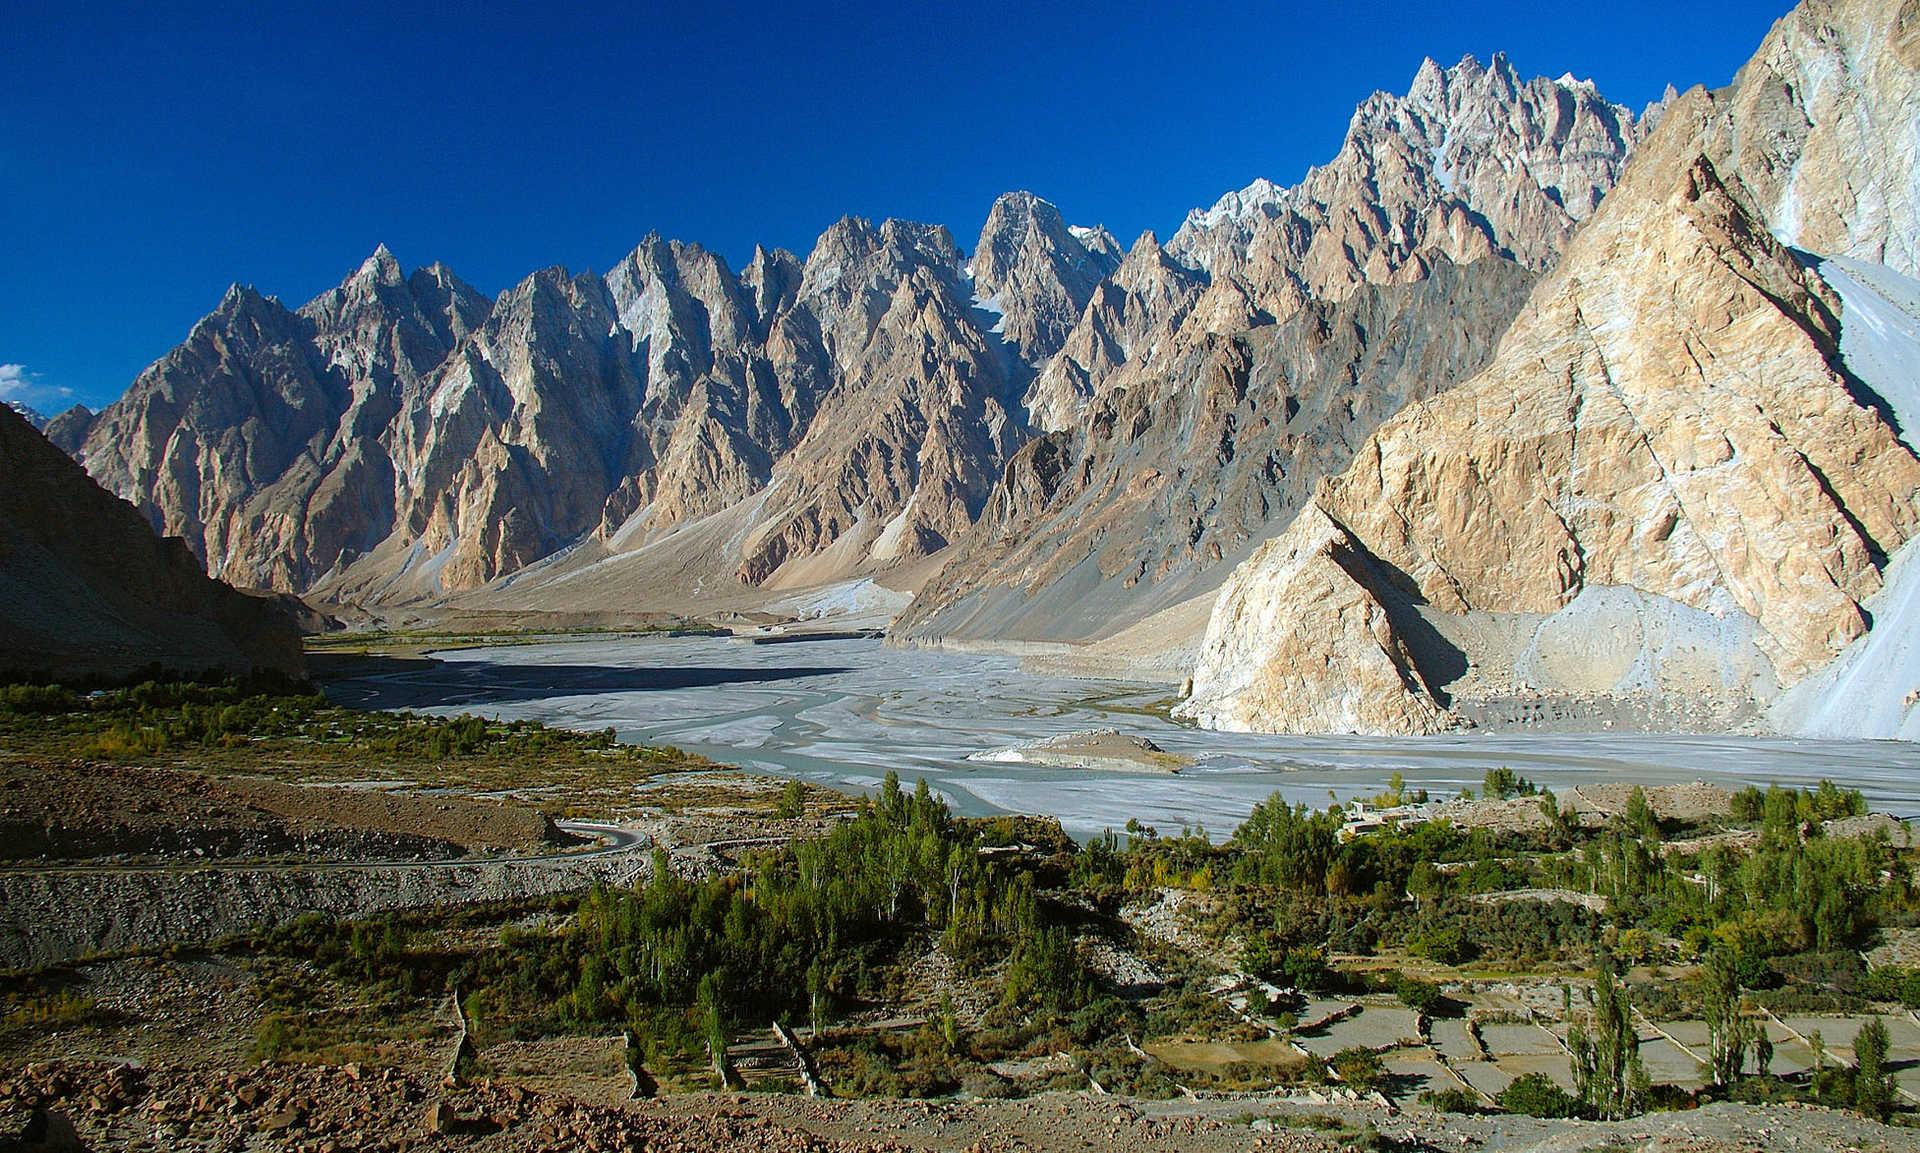 Passu Pakistan Karakoram